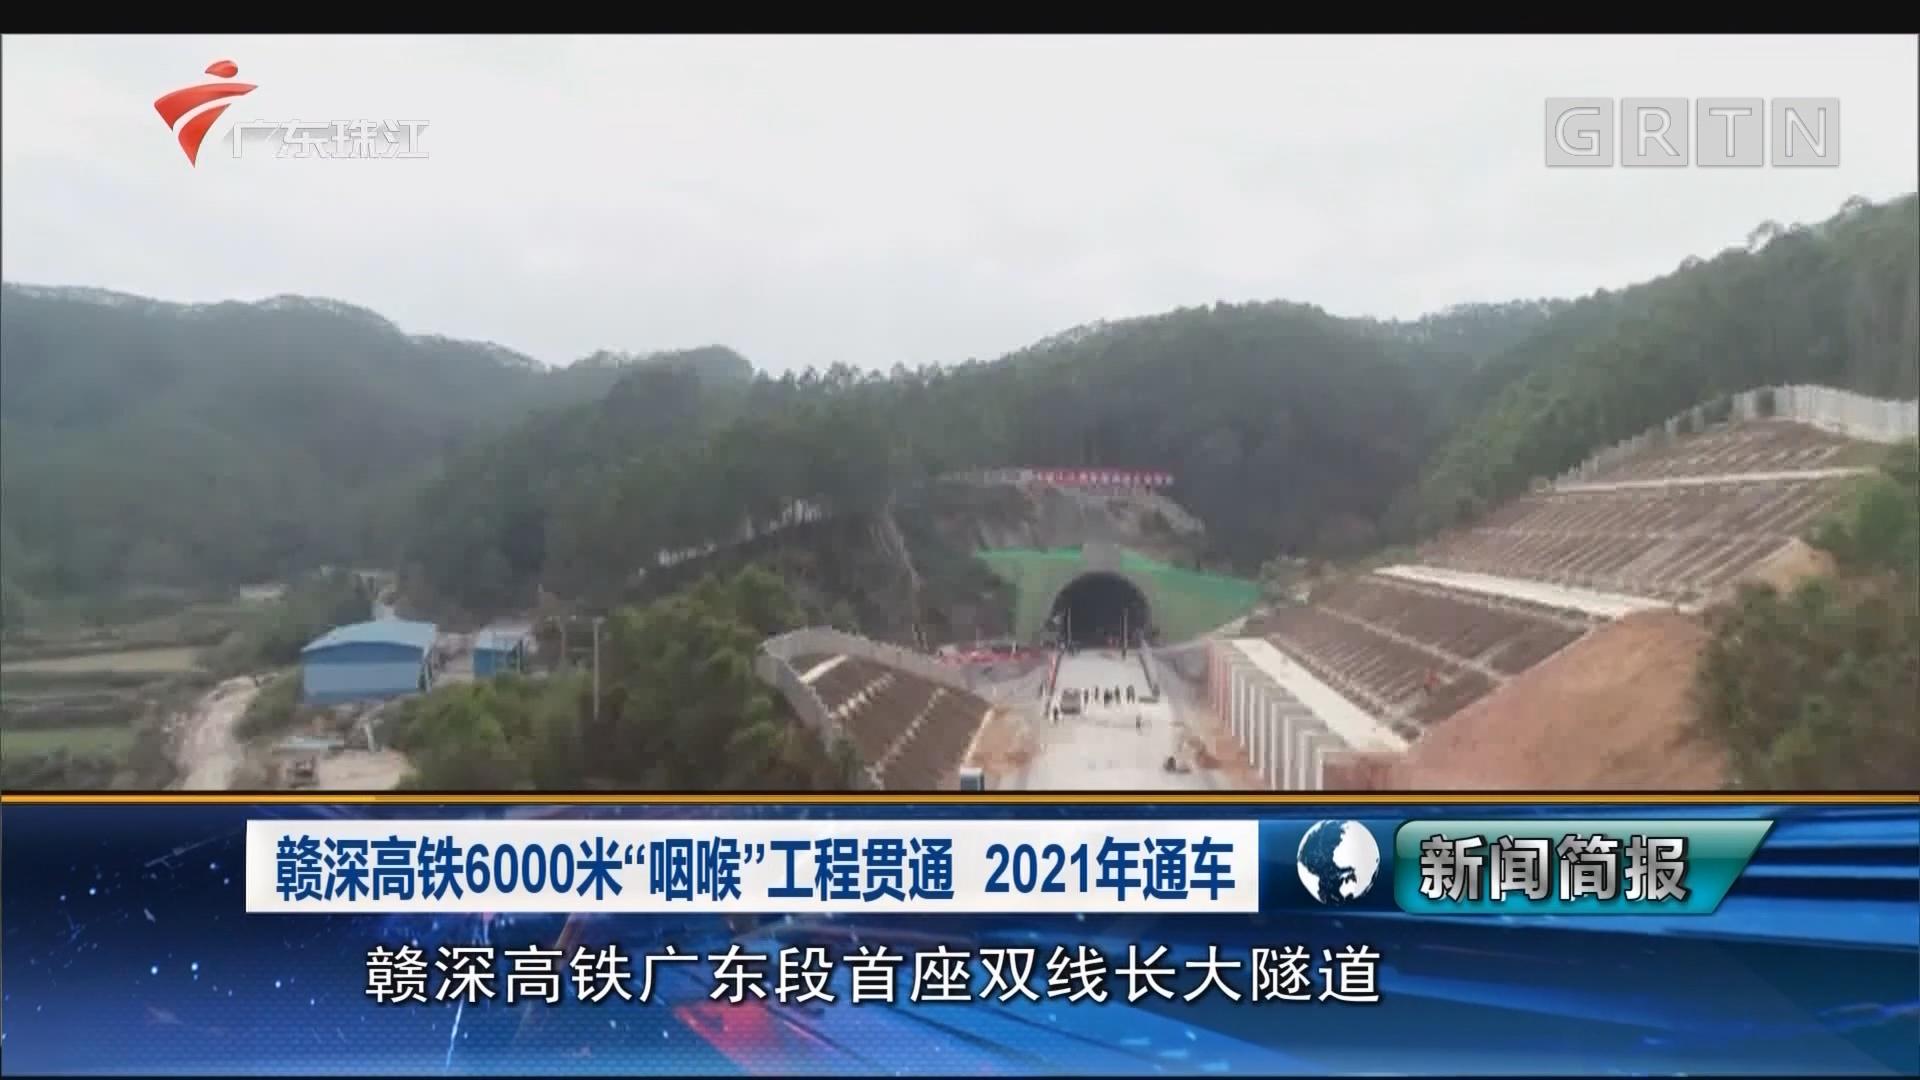 """赣深高铁6000米""""咽喉""""工程贯通 2021年通车"""